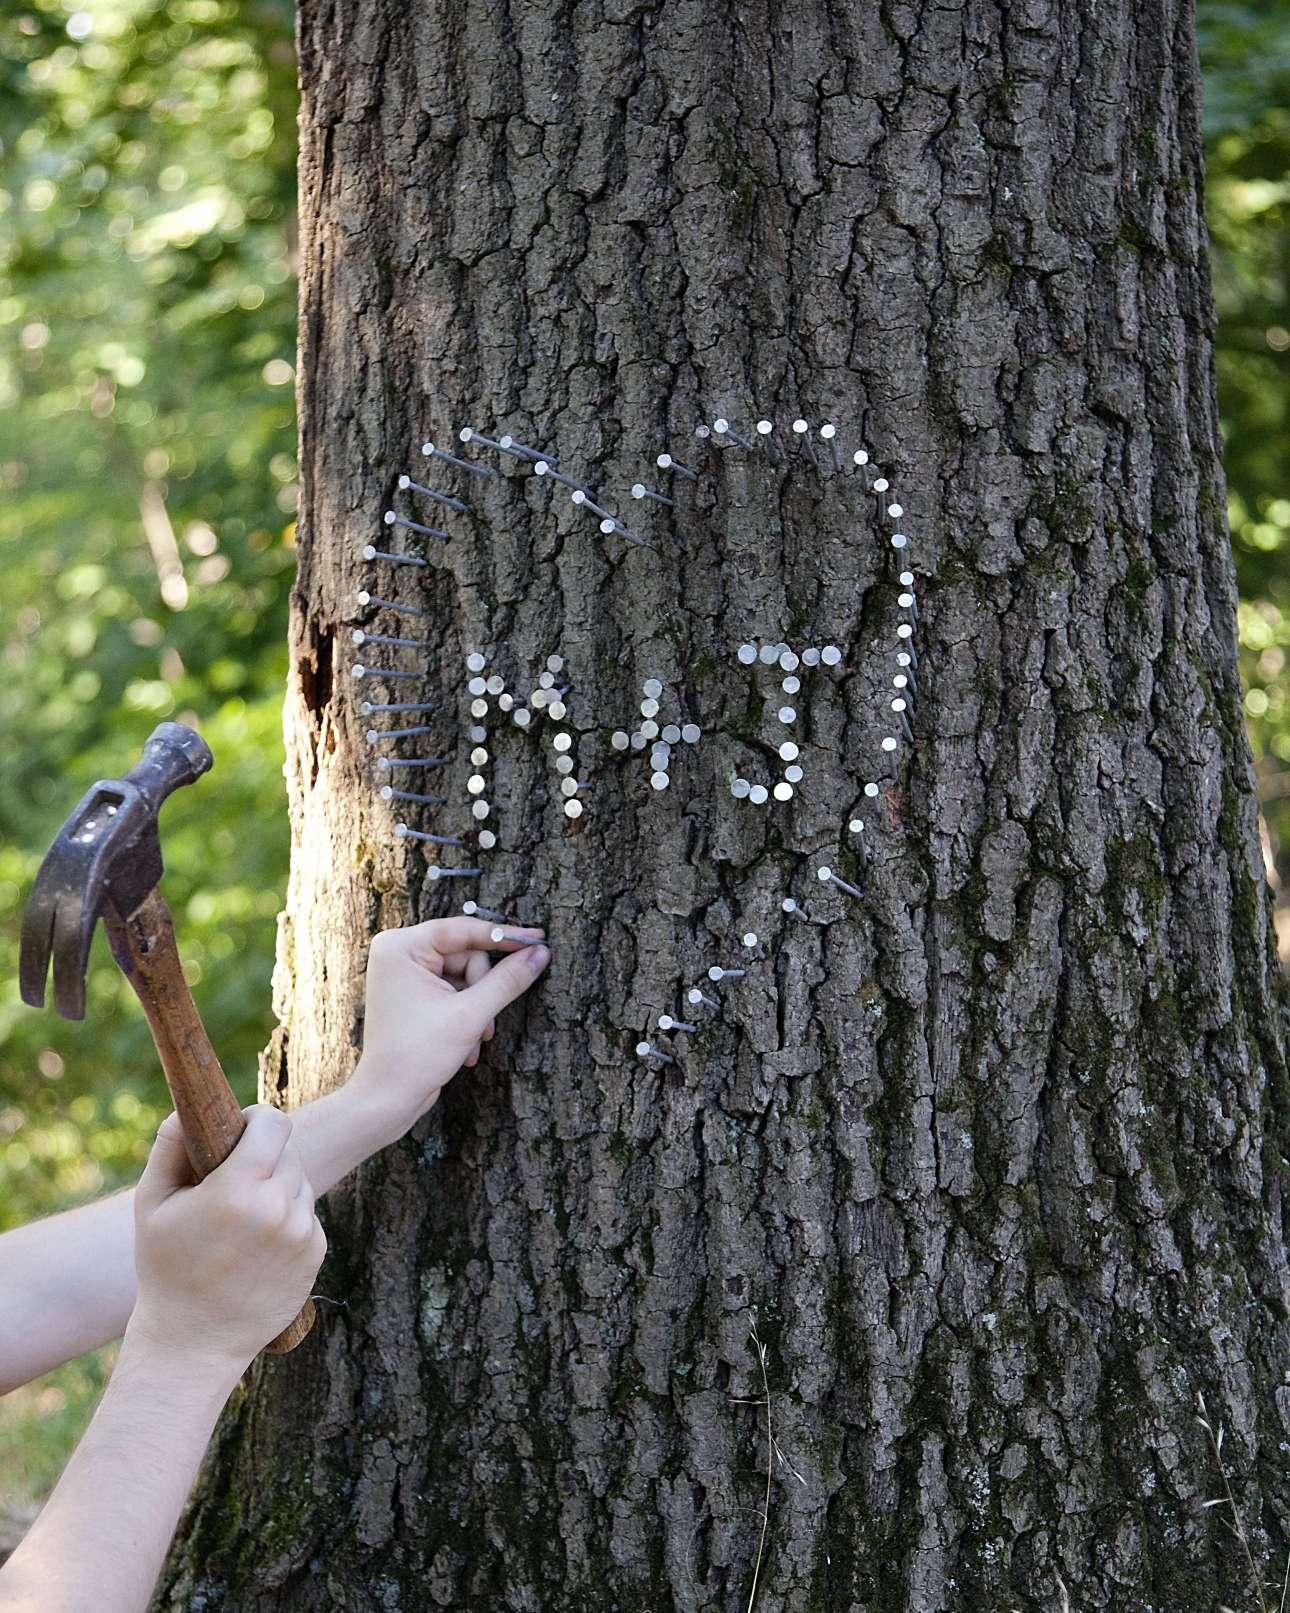 Στο Μέριλαντ αν χτυπήσει κάποιος καρφί με σφυρί σε δέντρο, θα τιμωρηθεί με πρόστιμο 50 δολαρίων